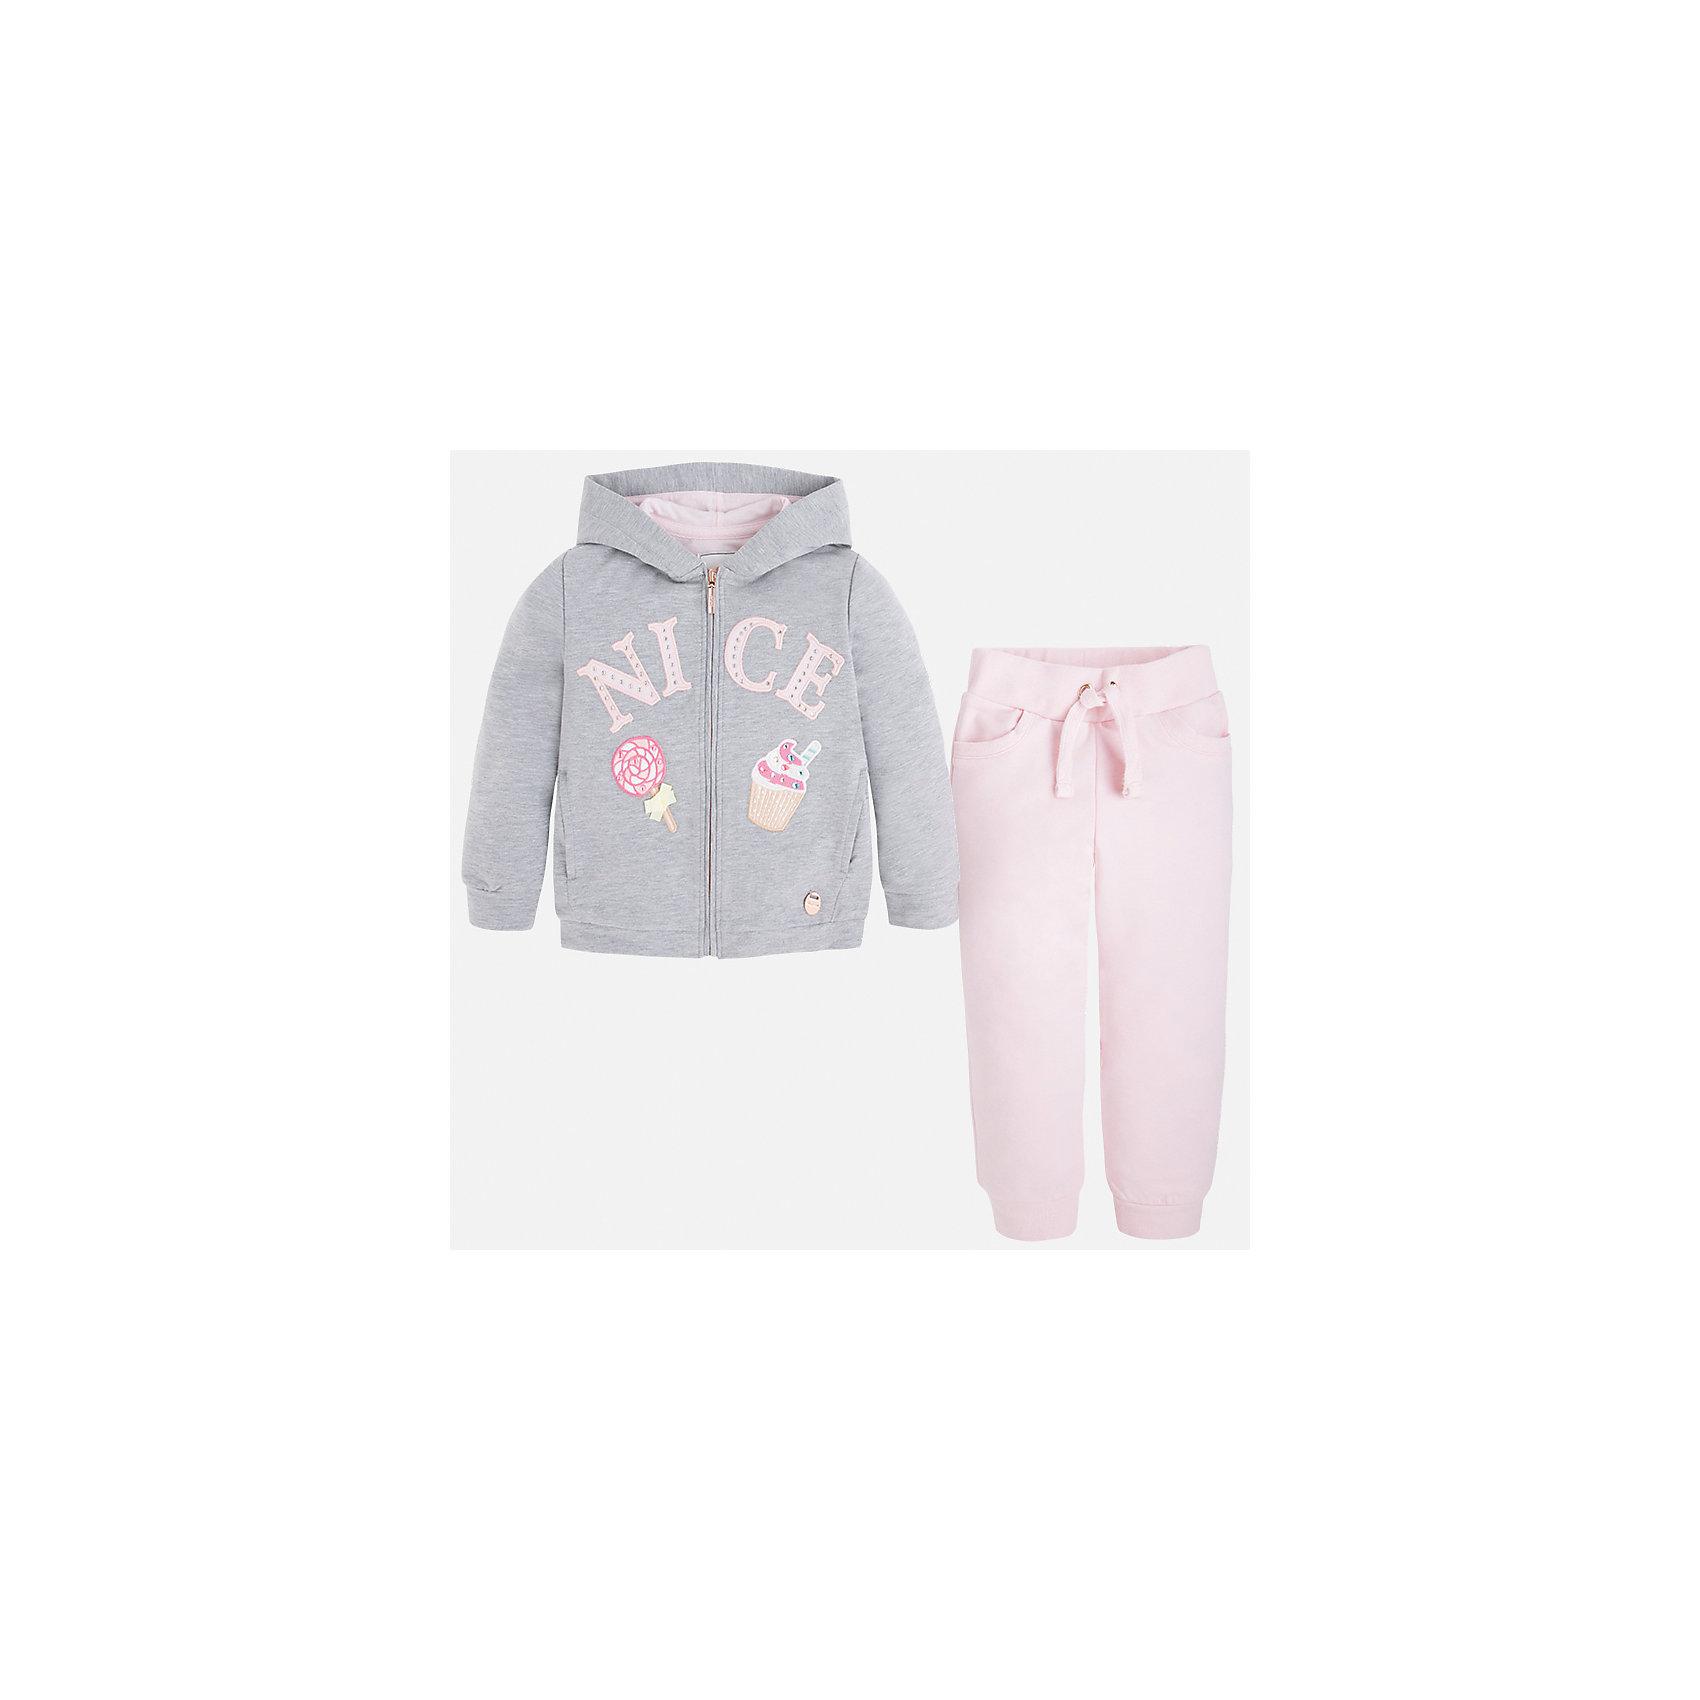 Спортивный костюм для девочки MayoralКомплекты<br>Характеристики товара:<br><br>• цвет: розовый/серый<br>• состав: 58% хлопок, 39% полиэстер, 3% эластан<br>• комплектация: курточка, штаны<br>• куртка декорирована принтом<br>• карманы<br>• капюшон<br>• штаны однотонные<br>• пояс на шнурке<br>• манжеты<br>• страна бренда: Испания<br><br>Стильный качественный спортивный костюм для девочки поможет разнообразить гардероб ребенка и удобно одеться в теплую погоду. Курточка и штаны отлично сочетаются с другими предметами. Универсальный цвет позволяет подобрать к вещам верхнюю одежду практически любой расцветки. Интересная отделка модели делает её нарядной и оригинальной. В составе материала - натуральный хлопок, гипоаллергенный, приятный на ощупь, дышащий.<br><br>Одежда, обувь и аксессуары от испанского бренда Mayoral полюбились детям и взрослым по всему миру. Модели этой марки - стильные и удобные. Для их производства используются только безопасные, качественные материалы и фурнитура. Порадуйте ребенка модными и красивыми вещами от Mayoral! <br><br>Спортивный костюм для девочки от испанского бренда Mayoral (Майорал) можно купить в нашем интернет-магазине.<br><br>Ширина мм: 247<br>Глубина мм: 16<br>Высота мм: 140<br>Вес г: 225<br>Цвет: розовый<br>Возраст от месяцев: 18<br>Возраст до месяцев: 24<br>Пол: Женский<br>Возраст: Детский<br>Размер: 92,134,122,98,104,110,116,128<br>SKU: 4232568